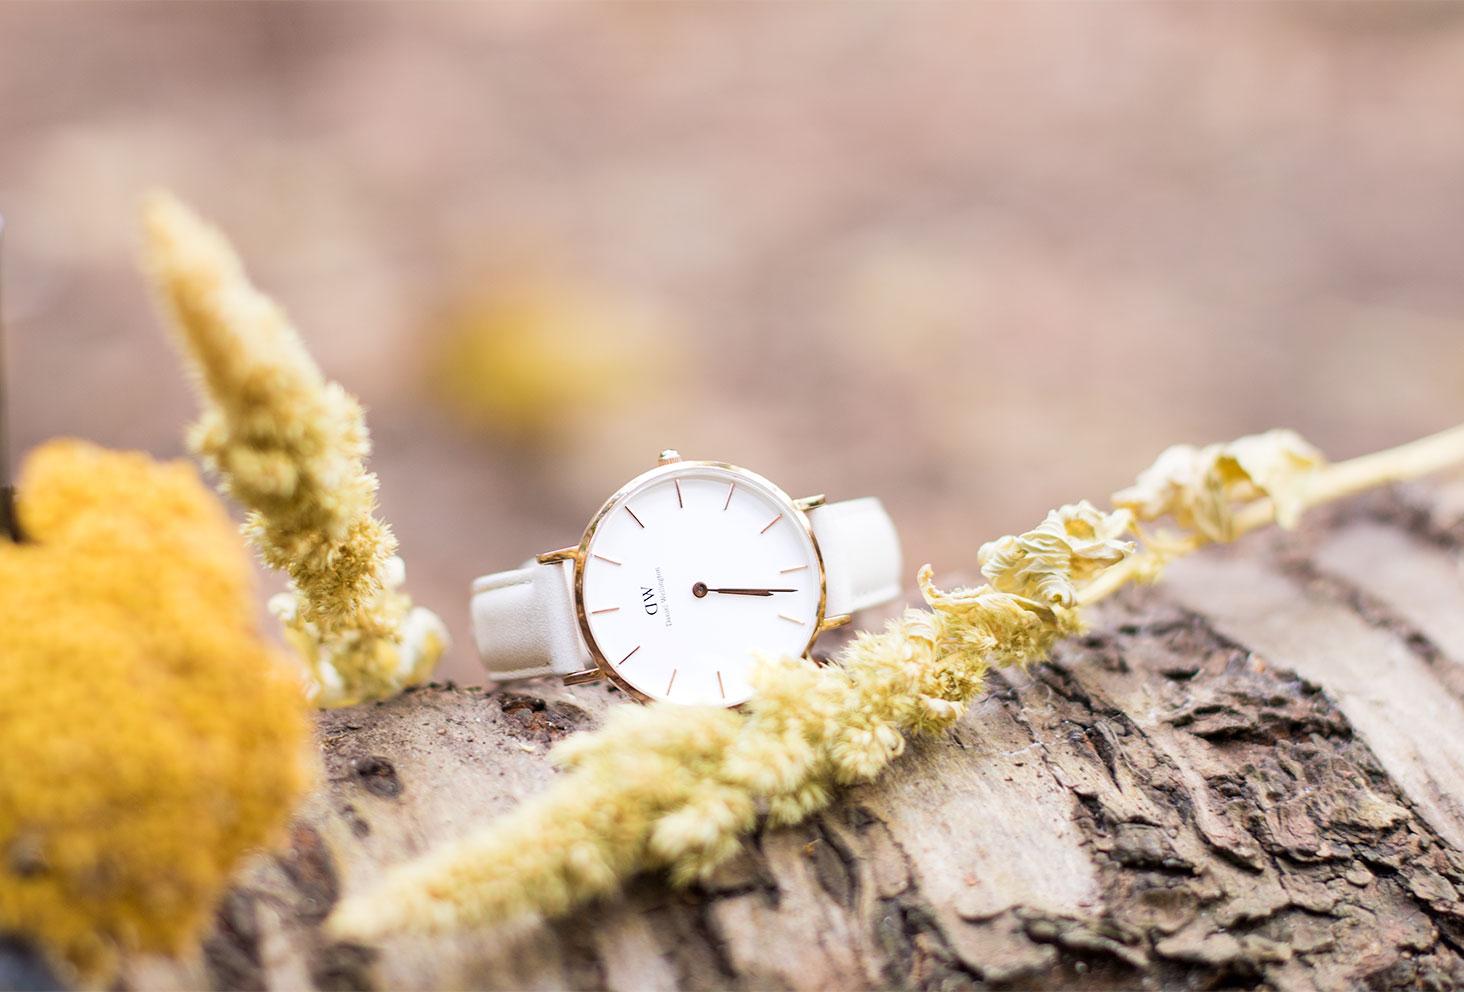 La montre Classic Petite Bondi posé sur un tronc d'arbres dans la forêt automnale au milieu des fleurs séchées